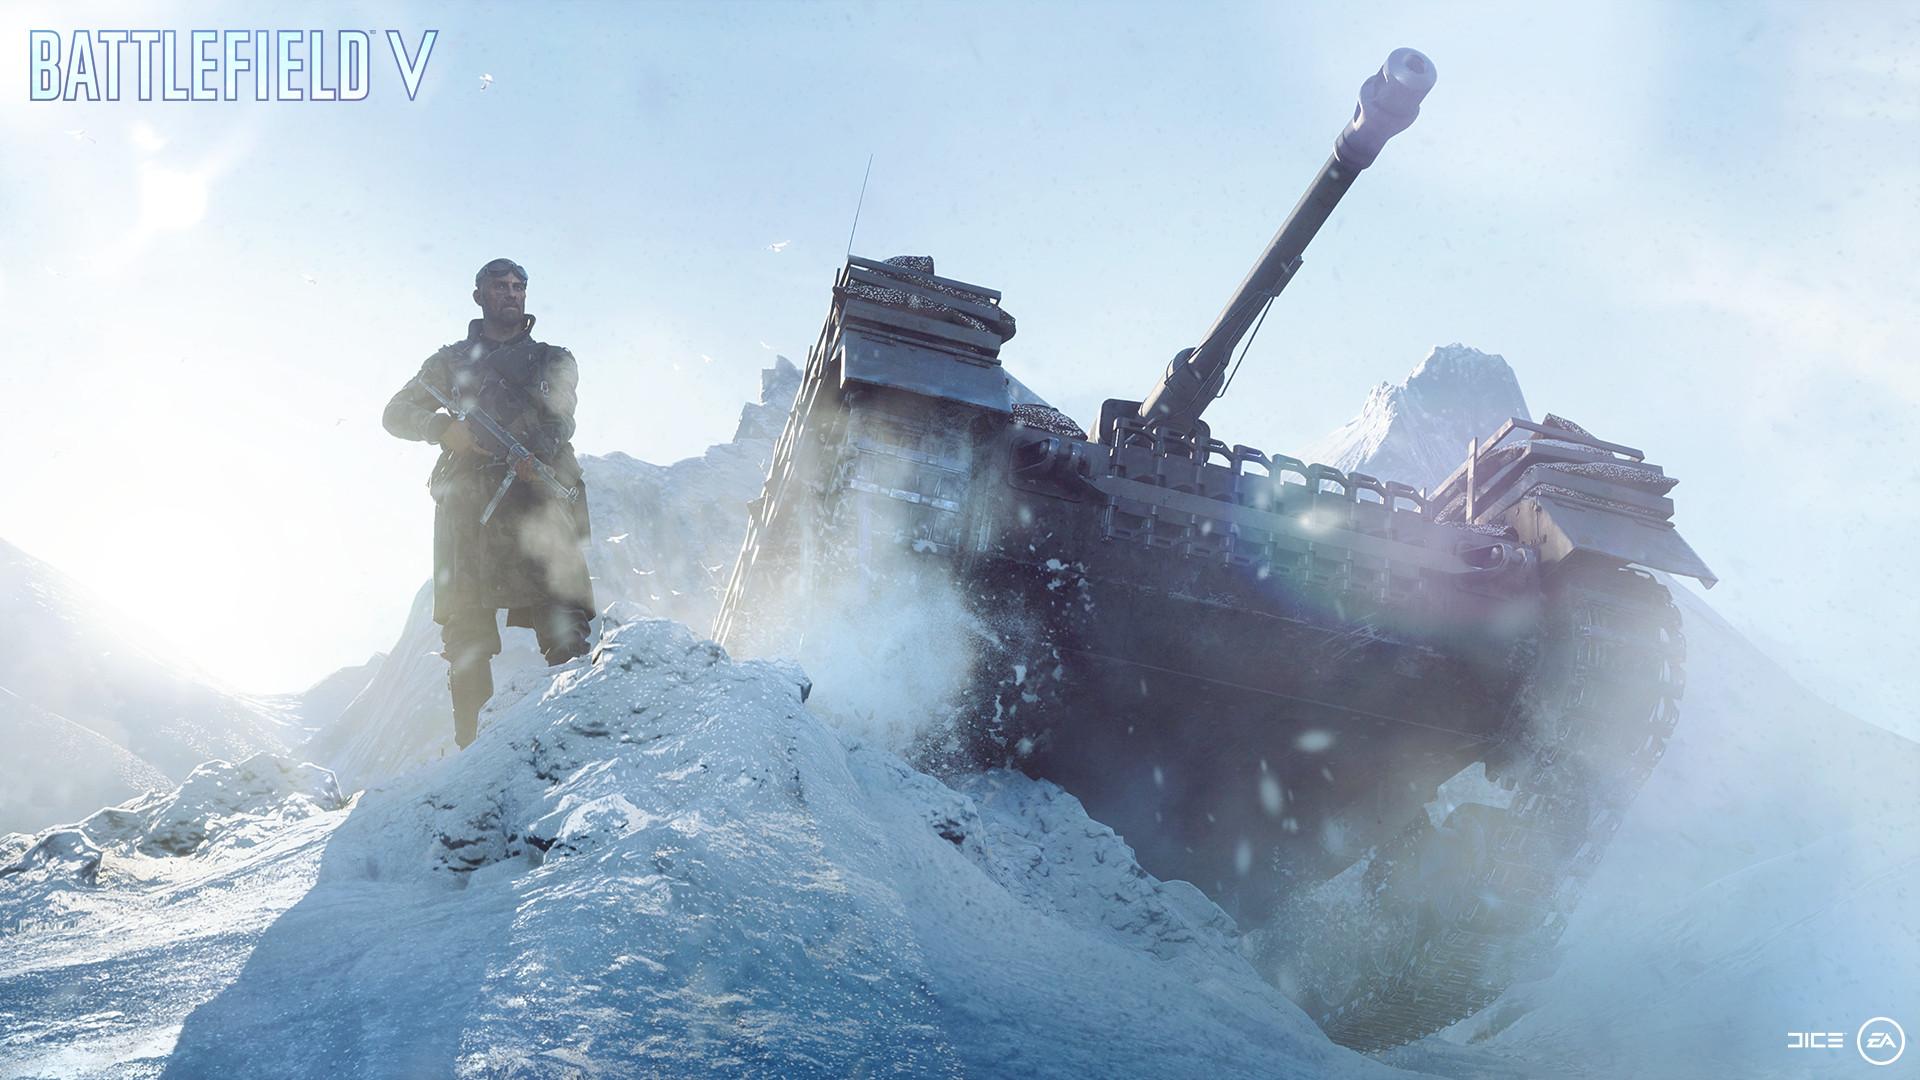 Как Battlefield 5 работает на бюджетном компьютере — геймплей на минималках